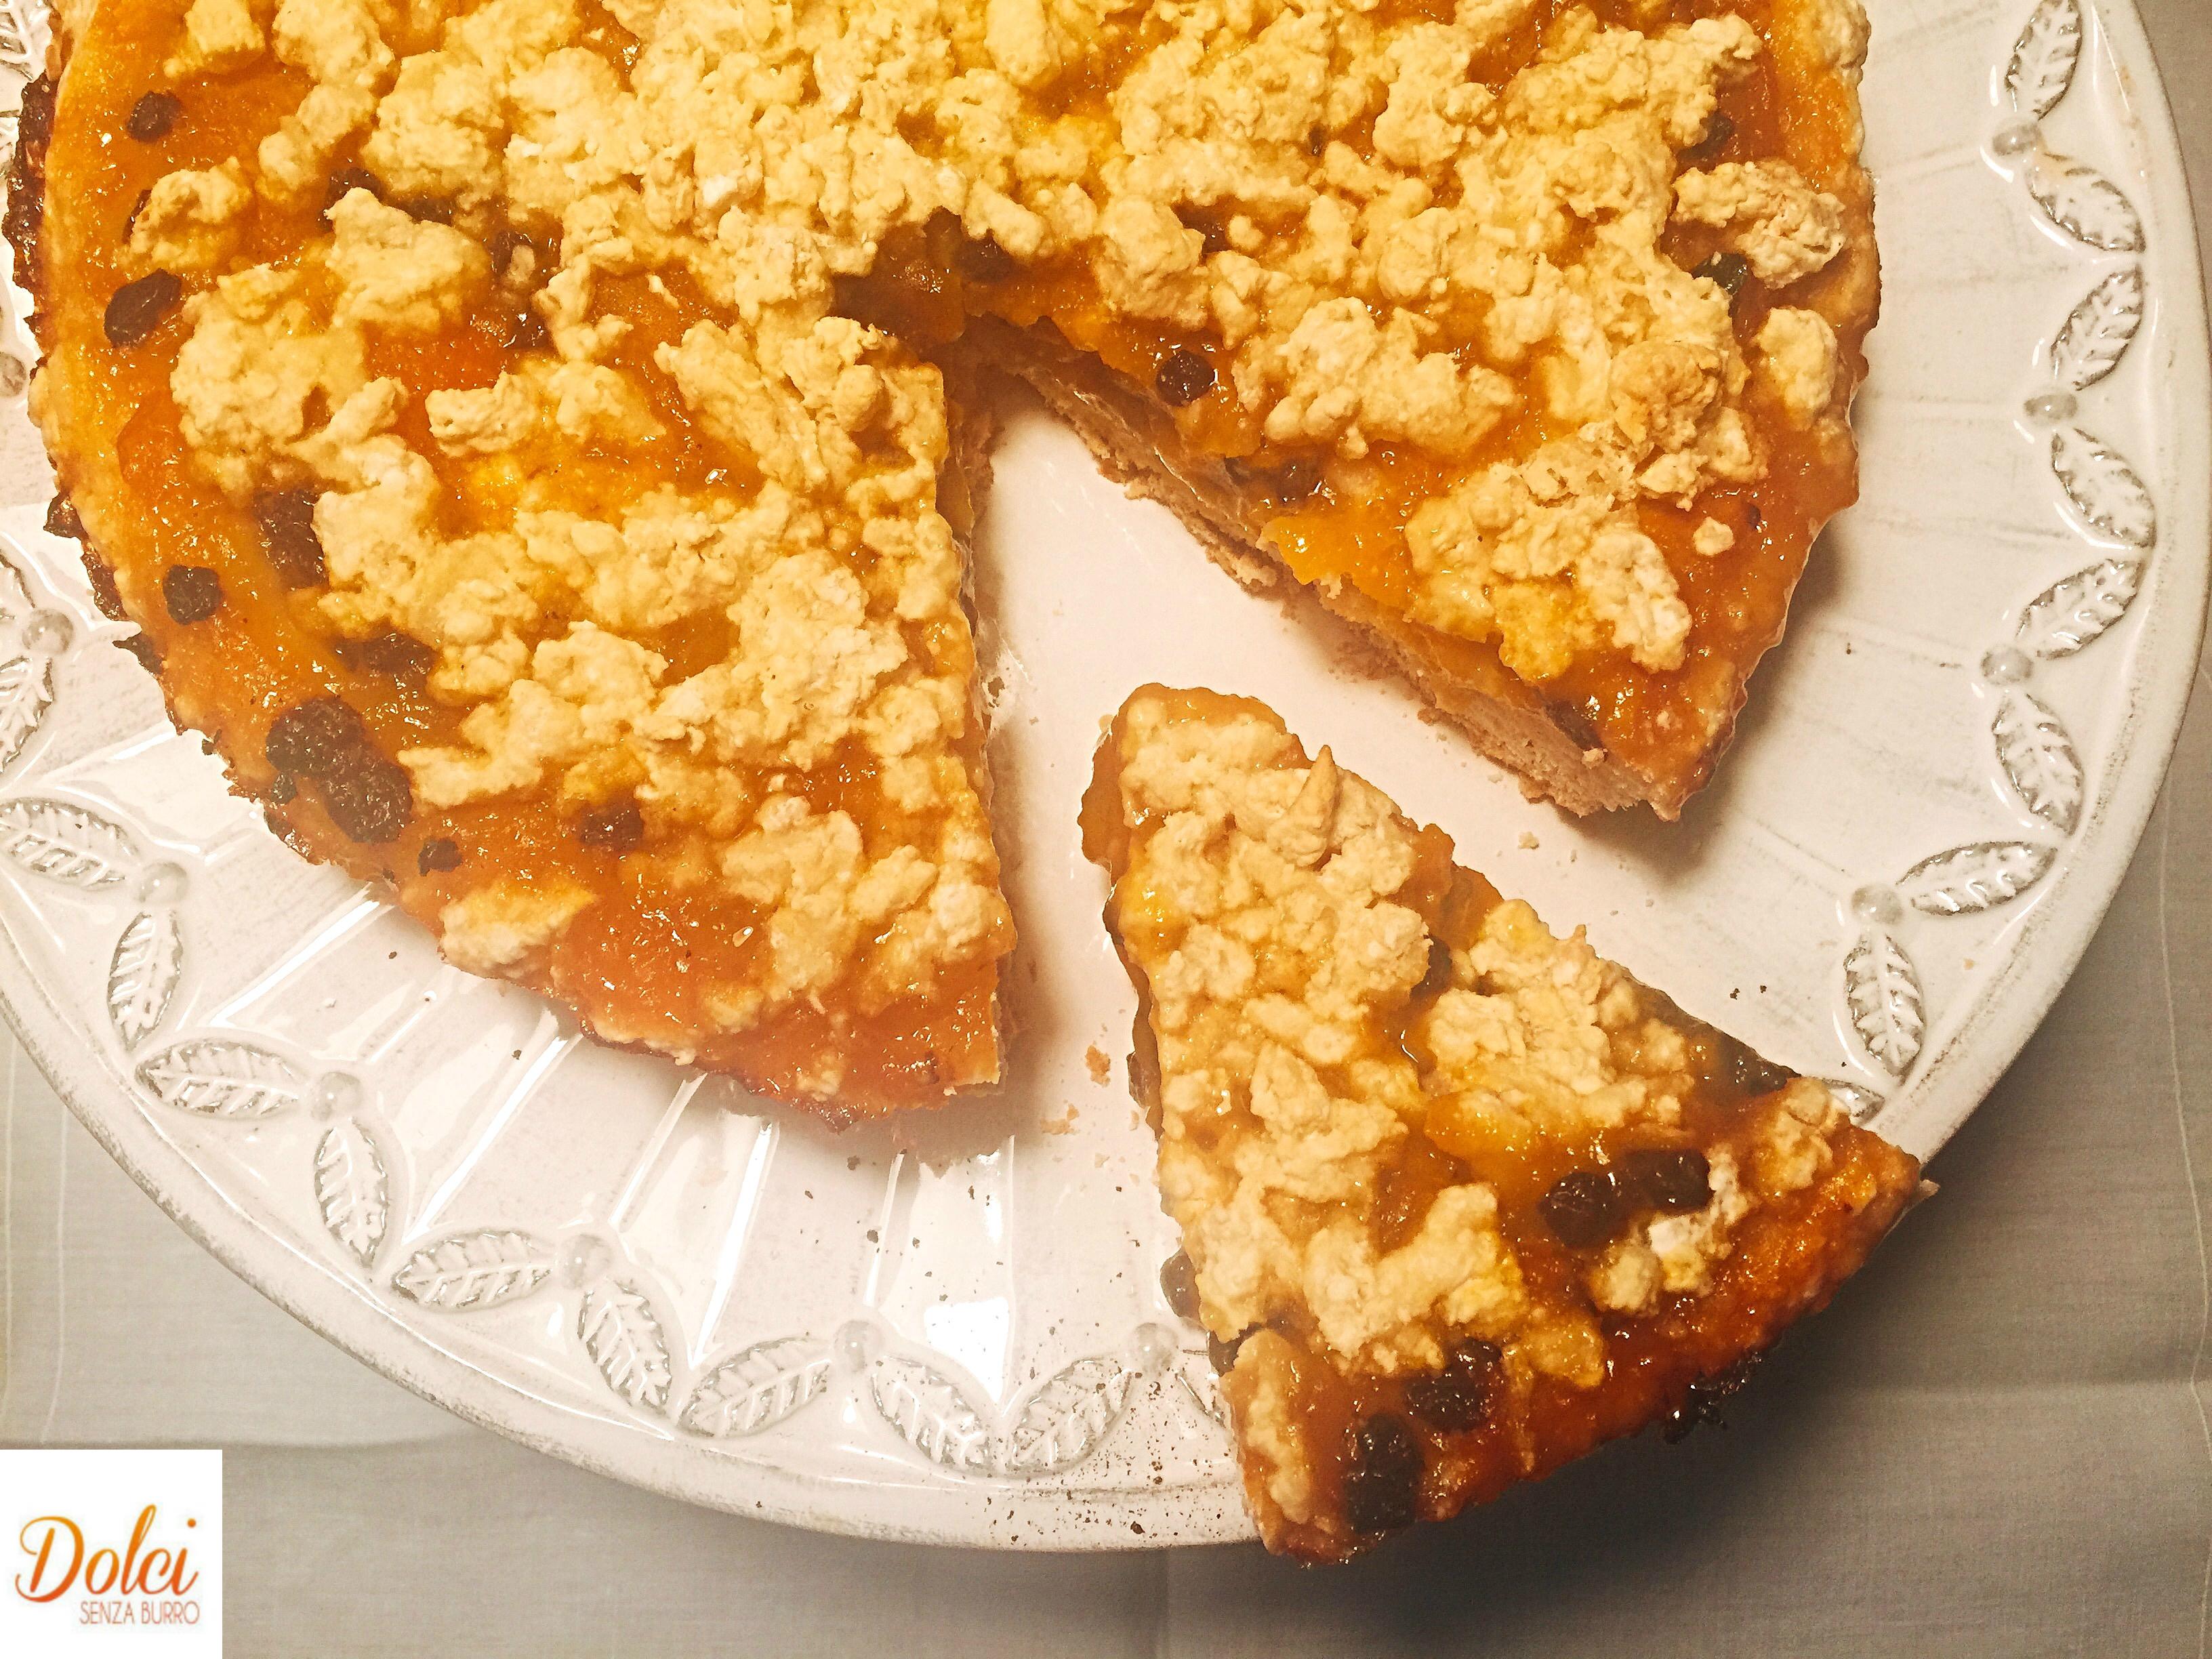 Crostata di Albicocche Senza Burro, un dolce goloso sano e genuino di dolci senza burro